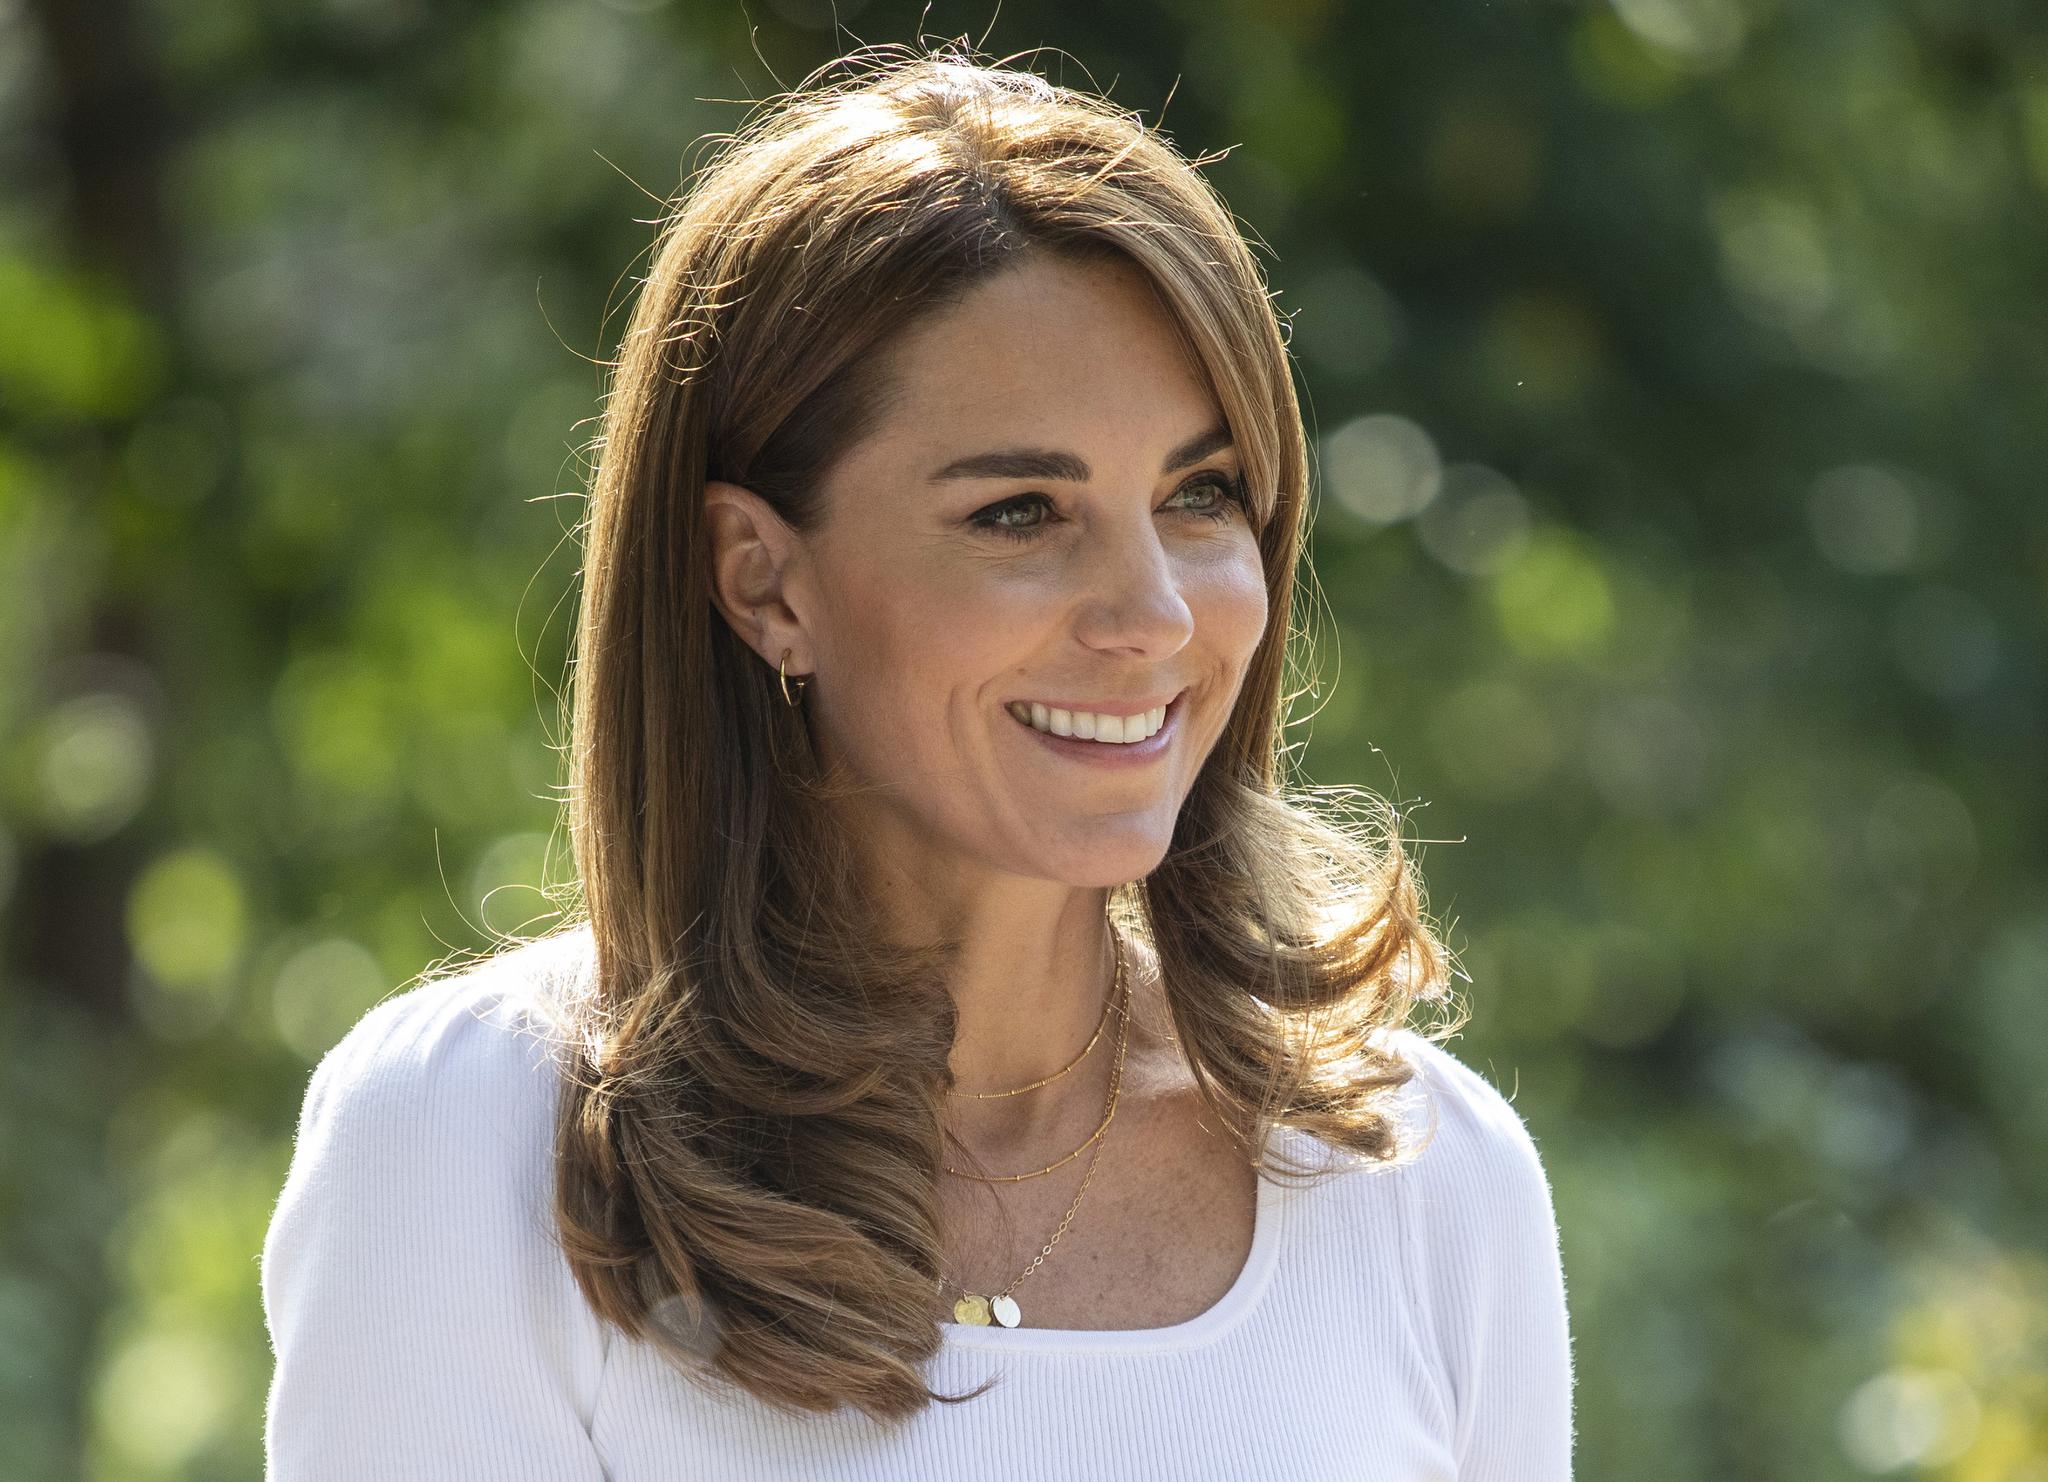 Kate Middleton in Battersea Park, London UK, on the 22nd September 2020.